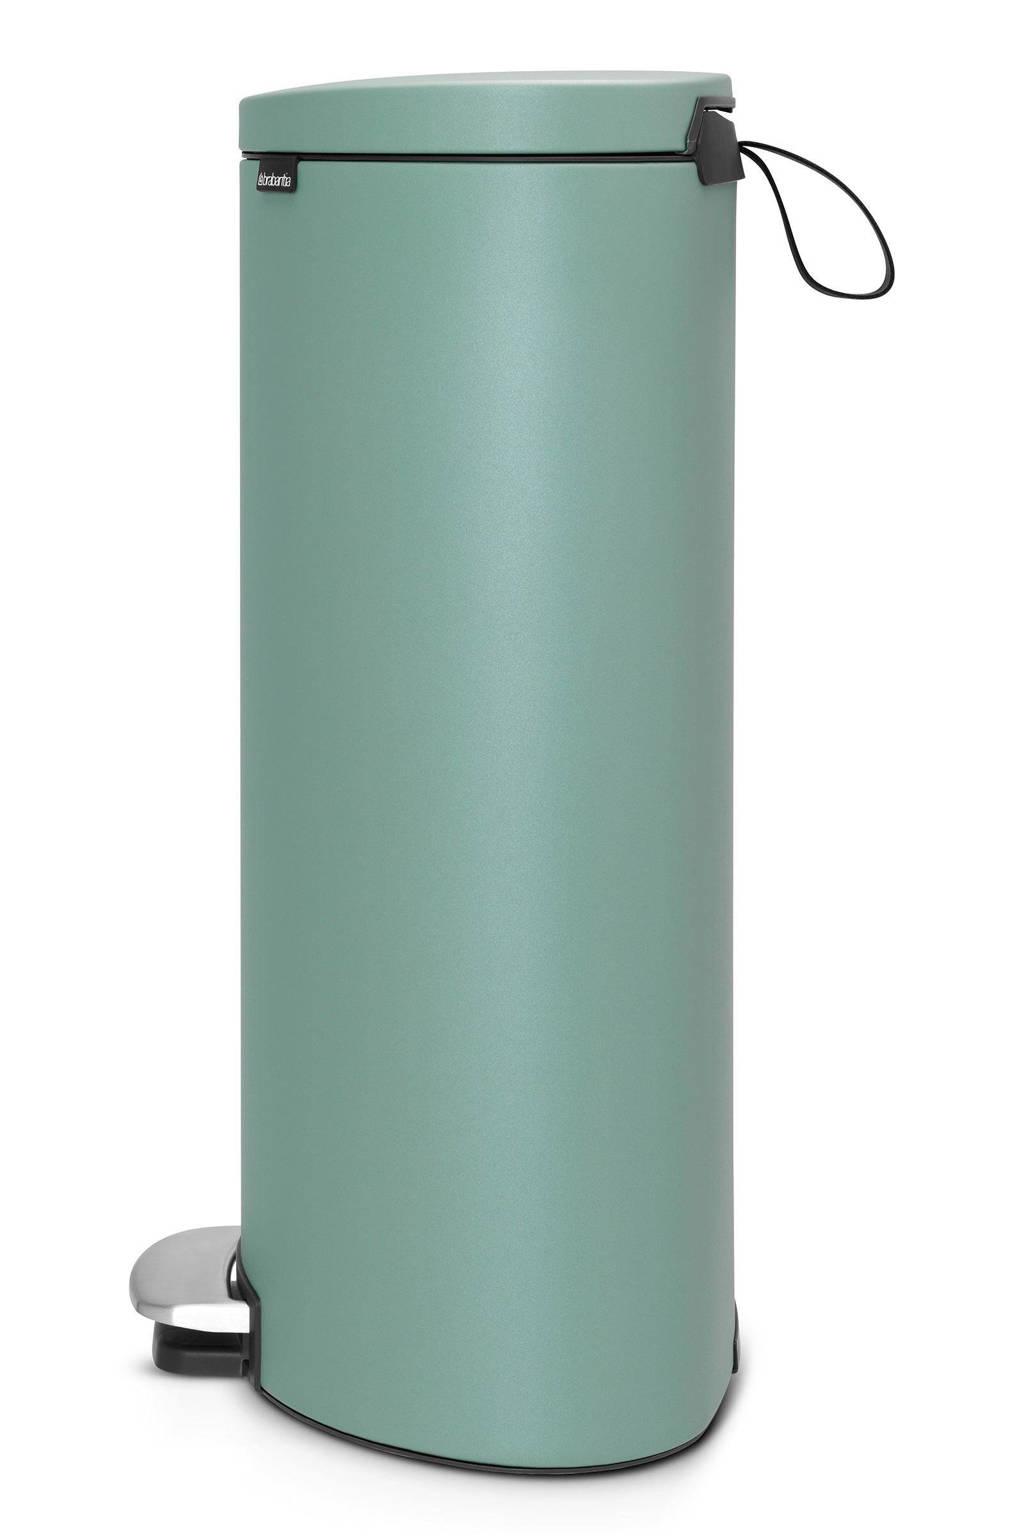 Brabantia Motioncontrol Pedaalemmer 30 L.Brabantia Flatback 30 Liter Pedaalemmer Wehkamp